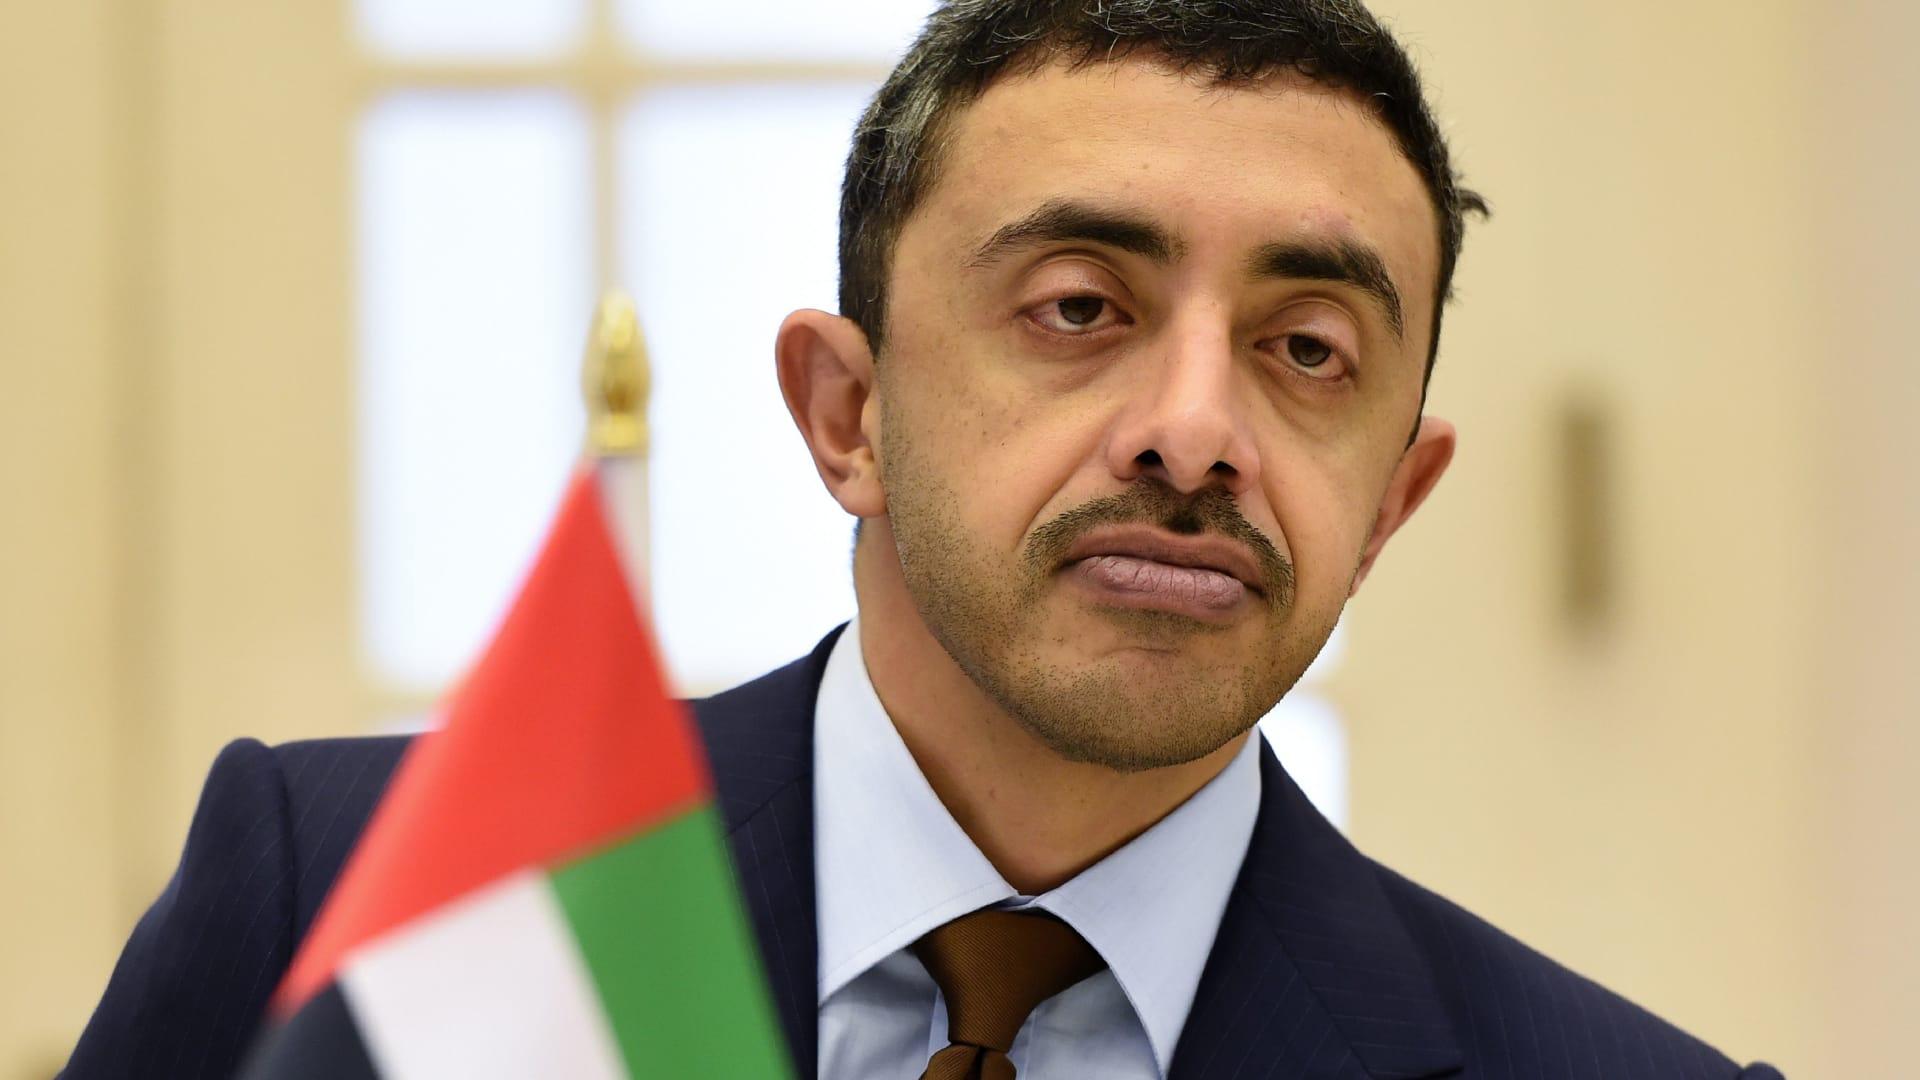 """في ذكرى """"المحرقة"""".. وزير خارجية الإمارات يؤكد على رفض العنصرية والكراهية"""